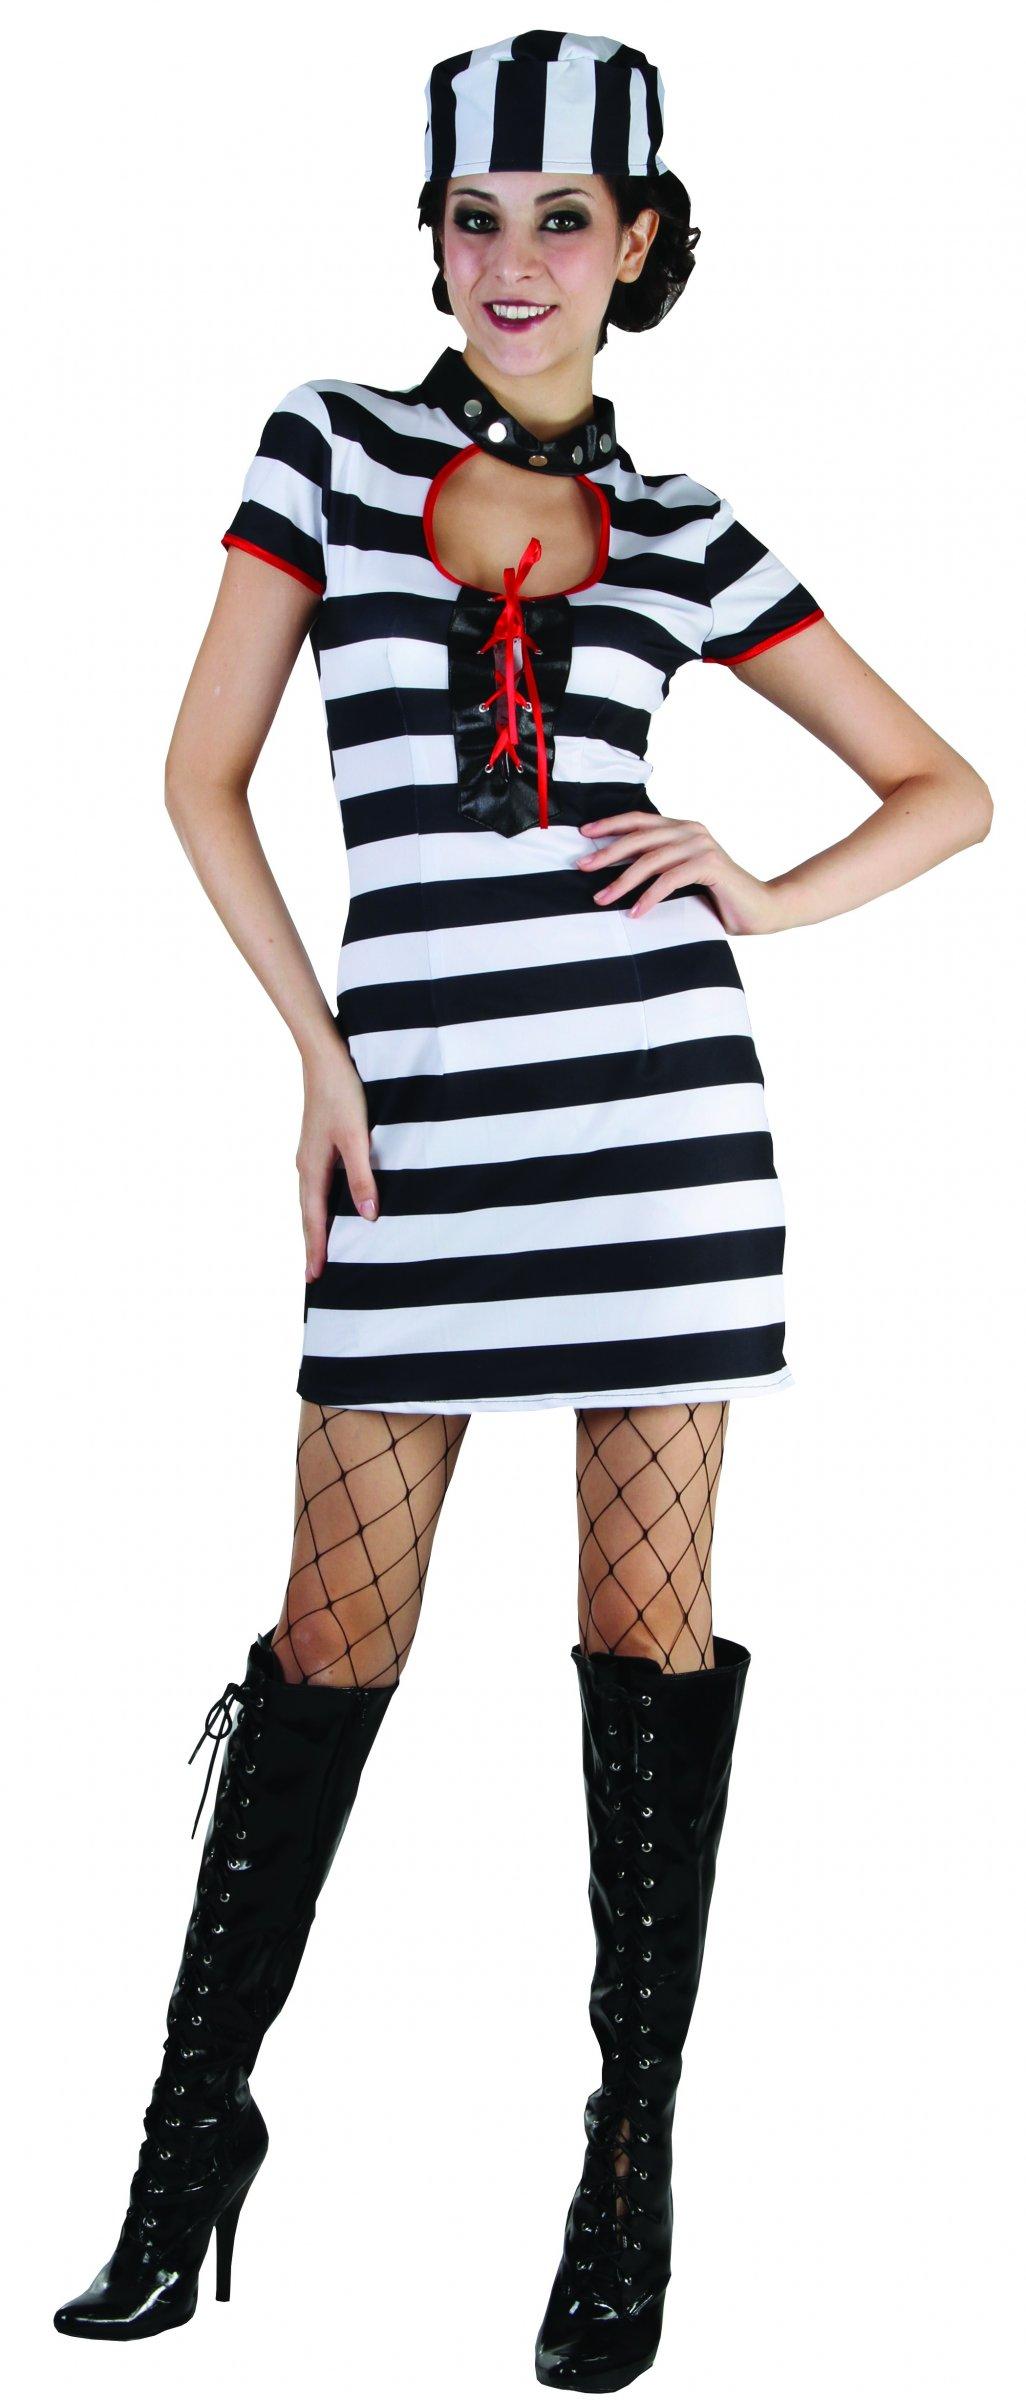 uniforme prisonnier femme dpc f te article de f te pas cher. Black Bedroom Furniture Sets. Home Design Ideas